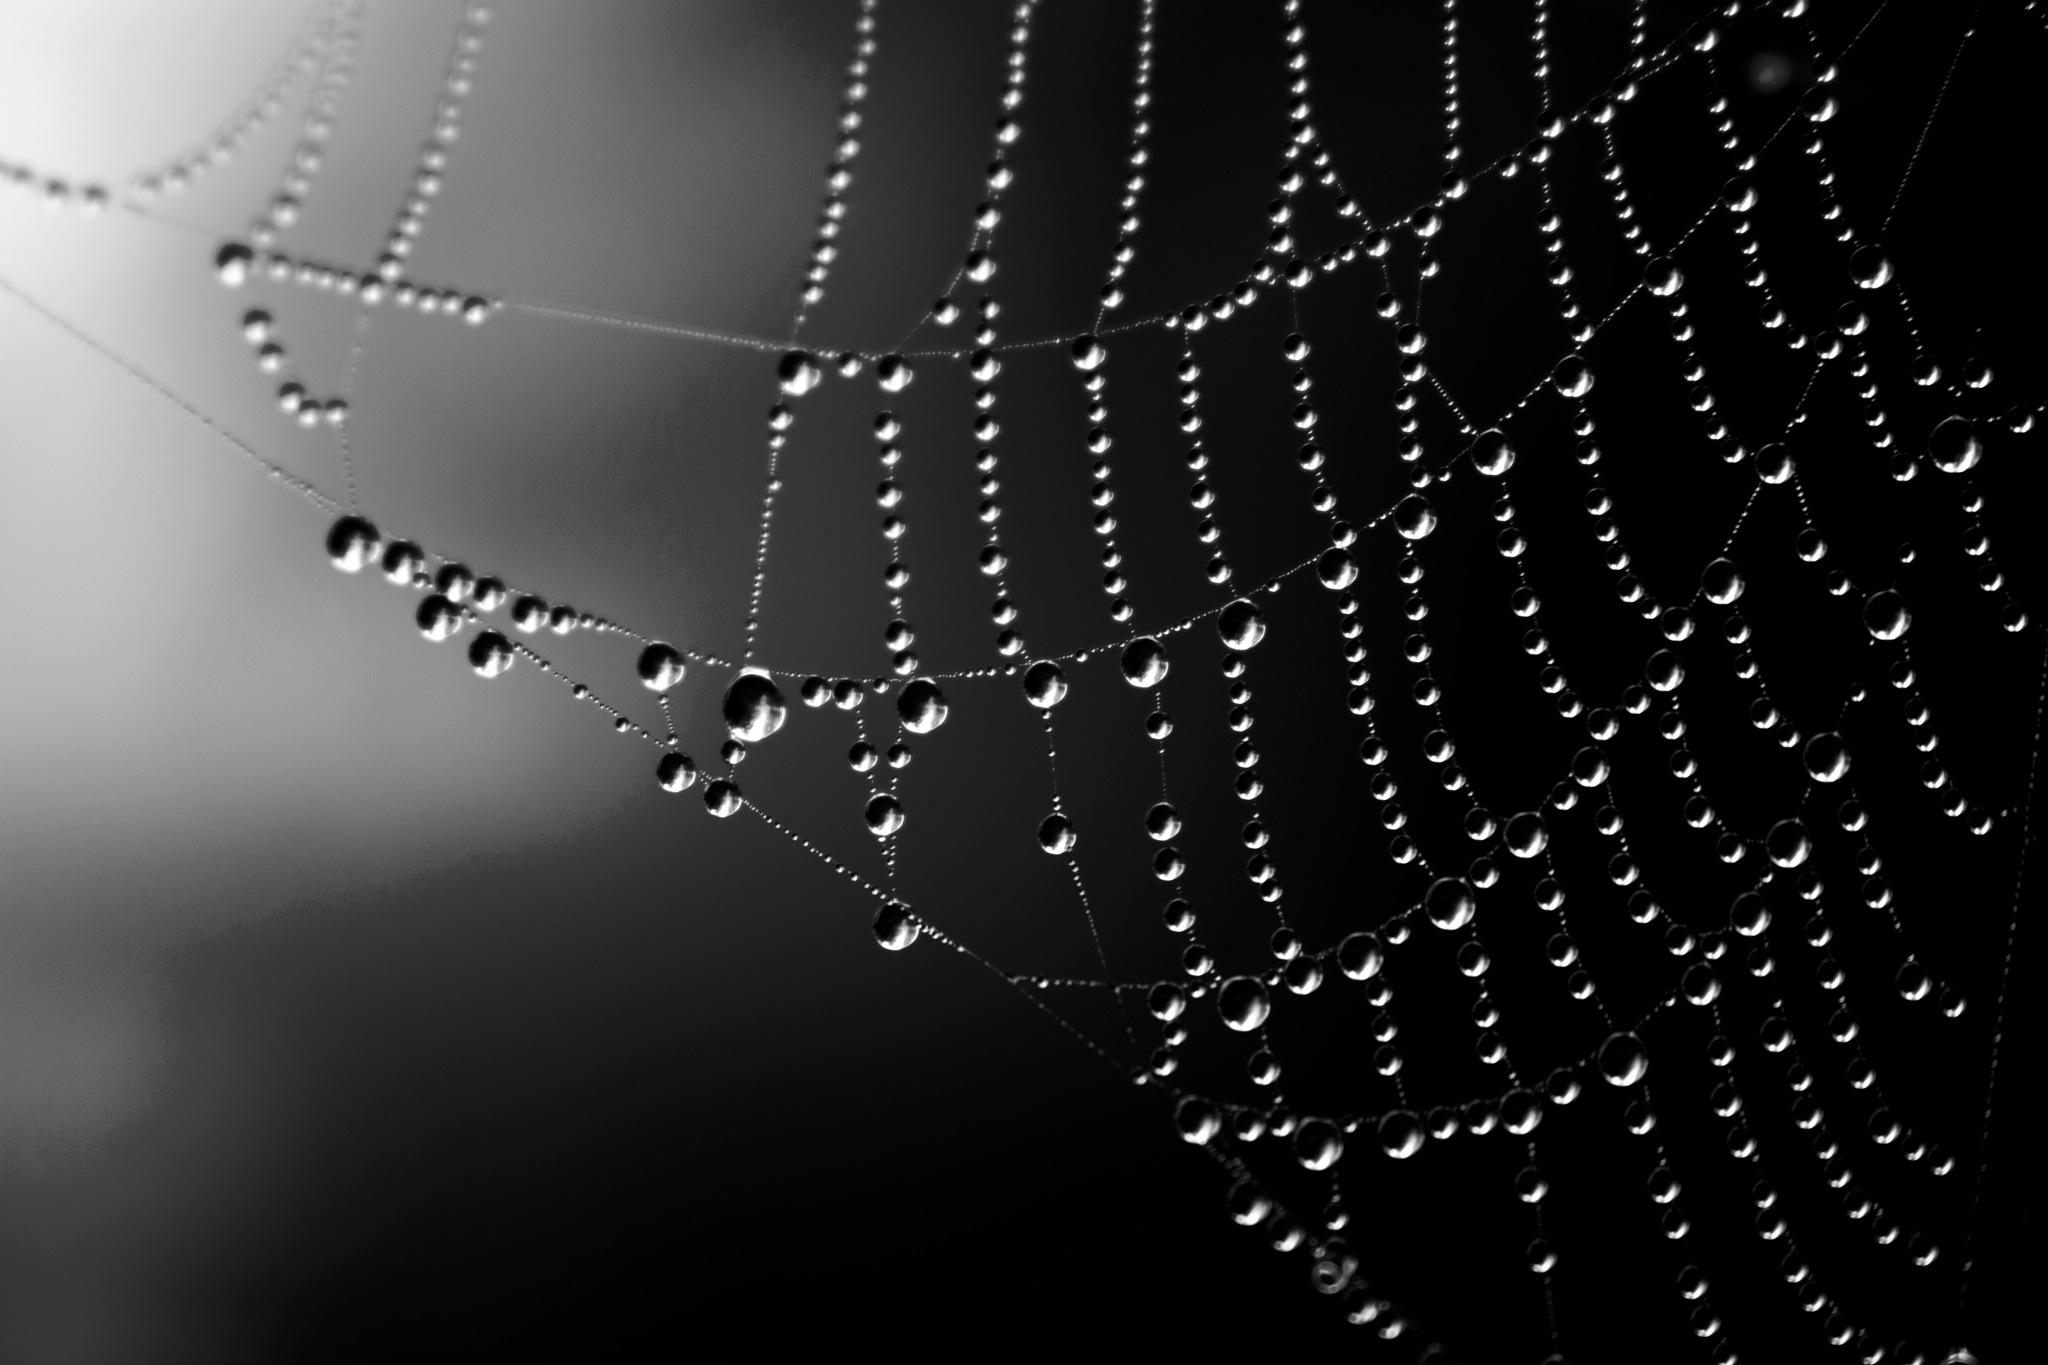 cobweb and drops by John Palmer